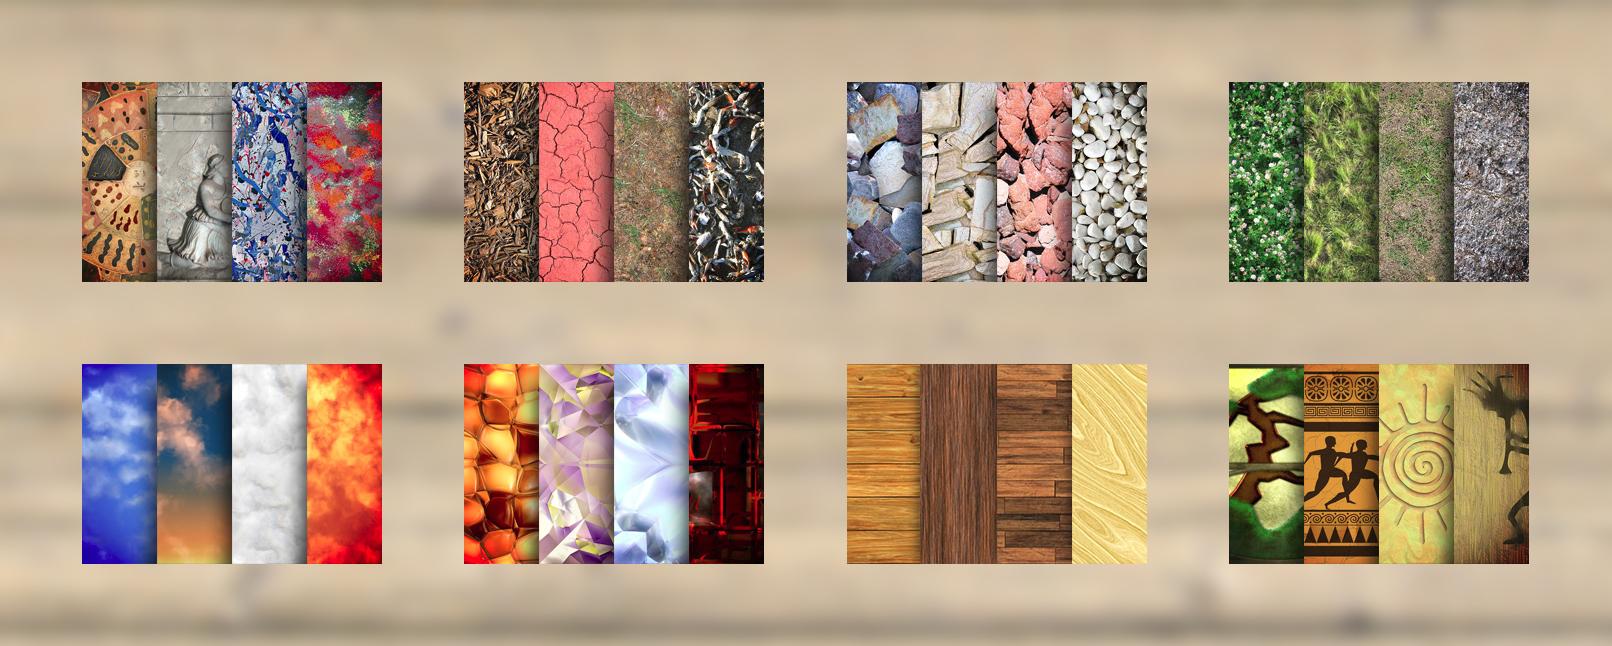 Texturen für Photoshop und Co, inklusive Rasen- und Beton-Textur